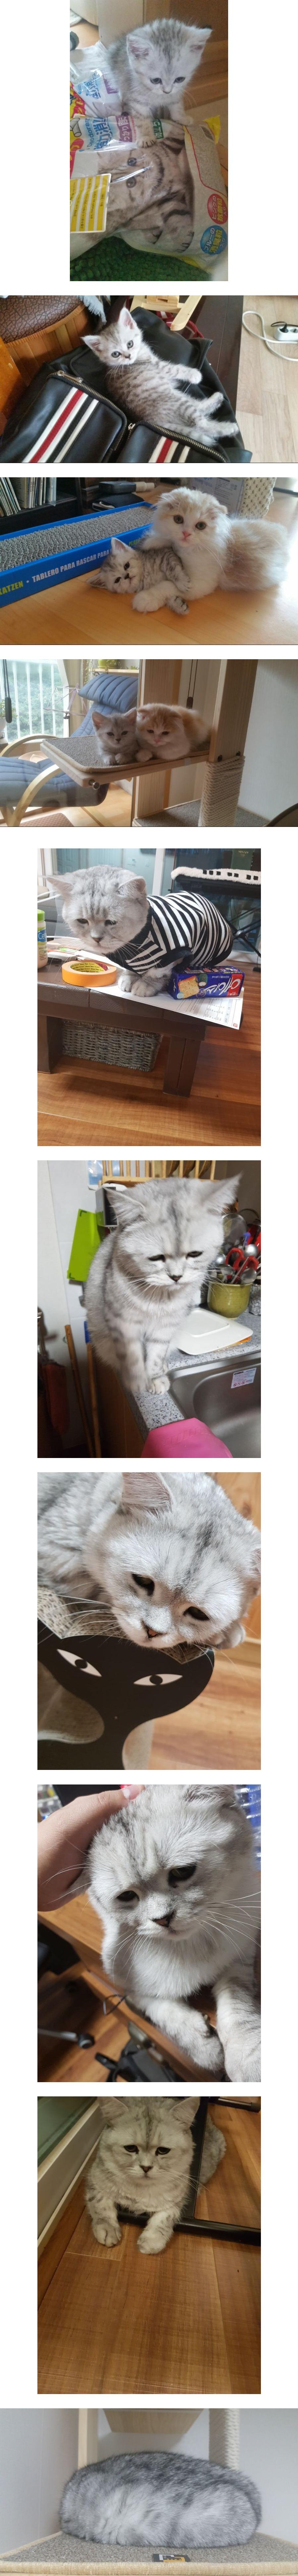 성장한 고양이